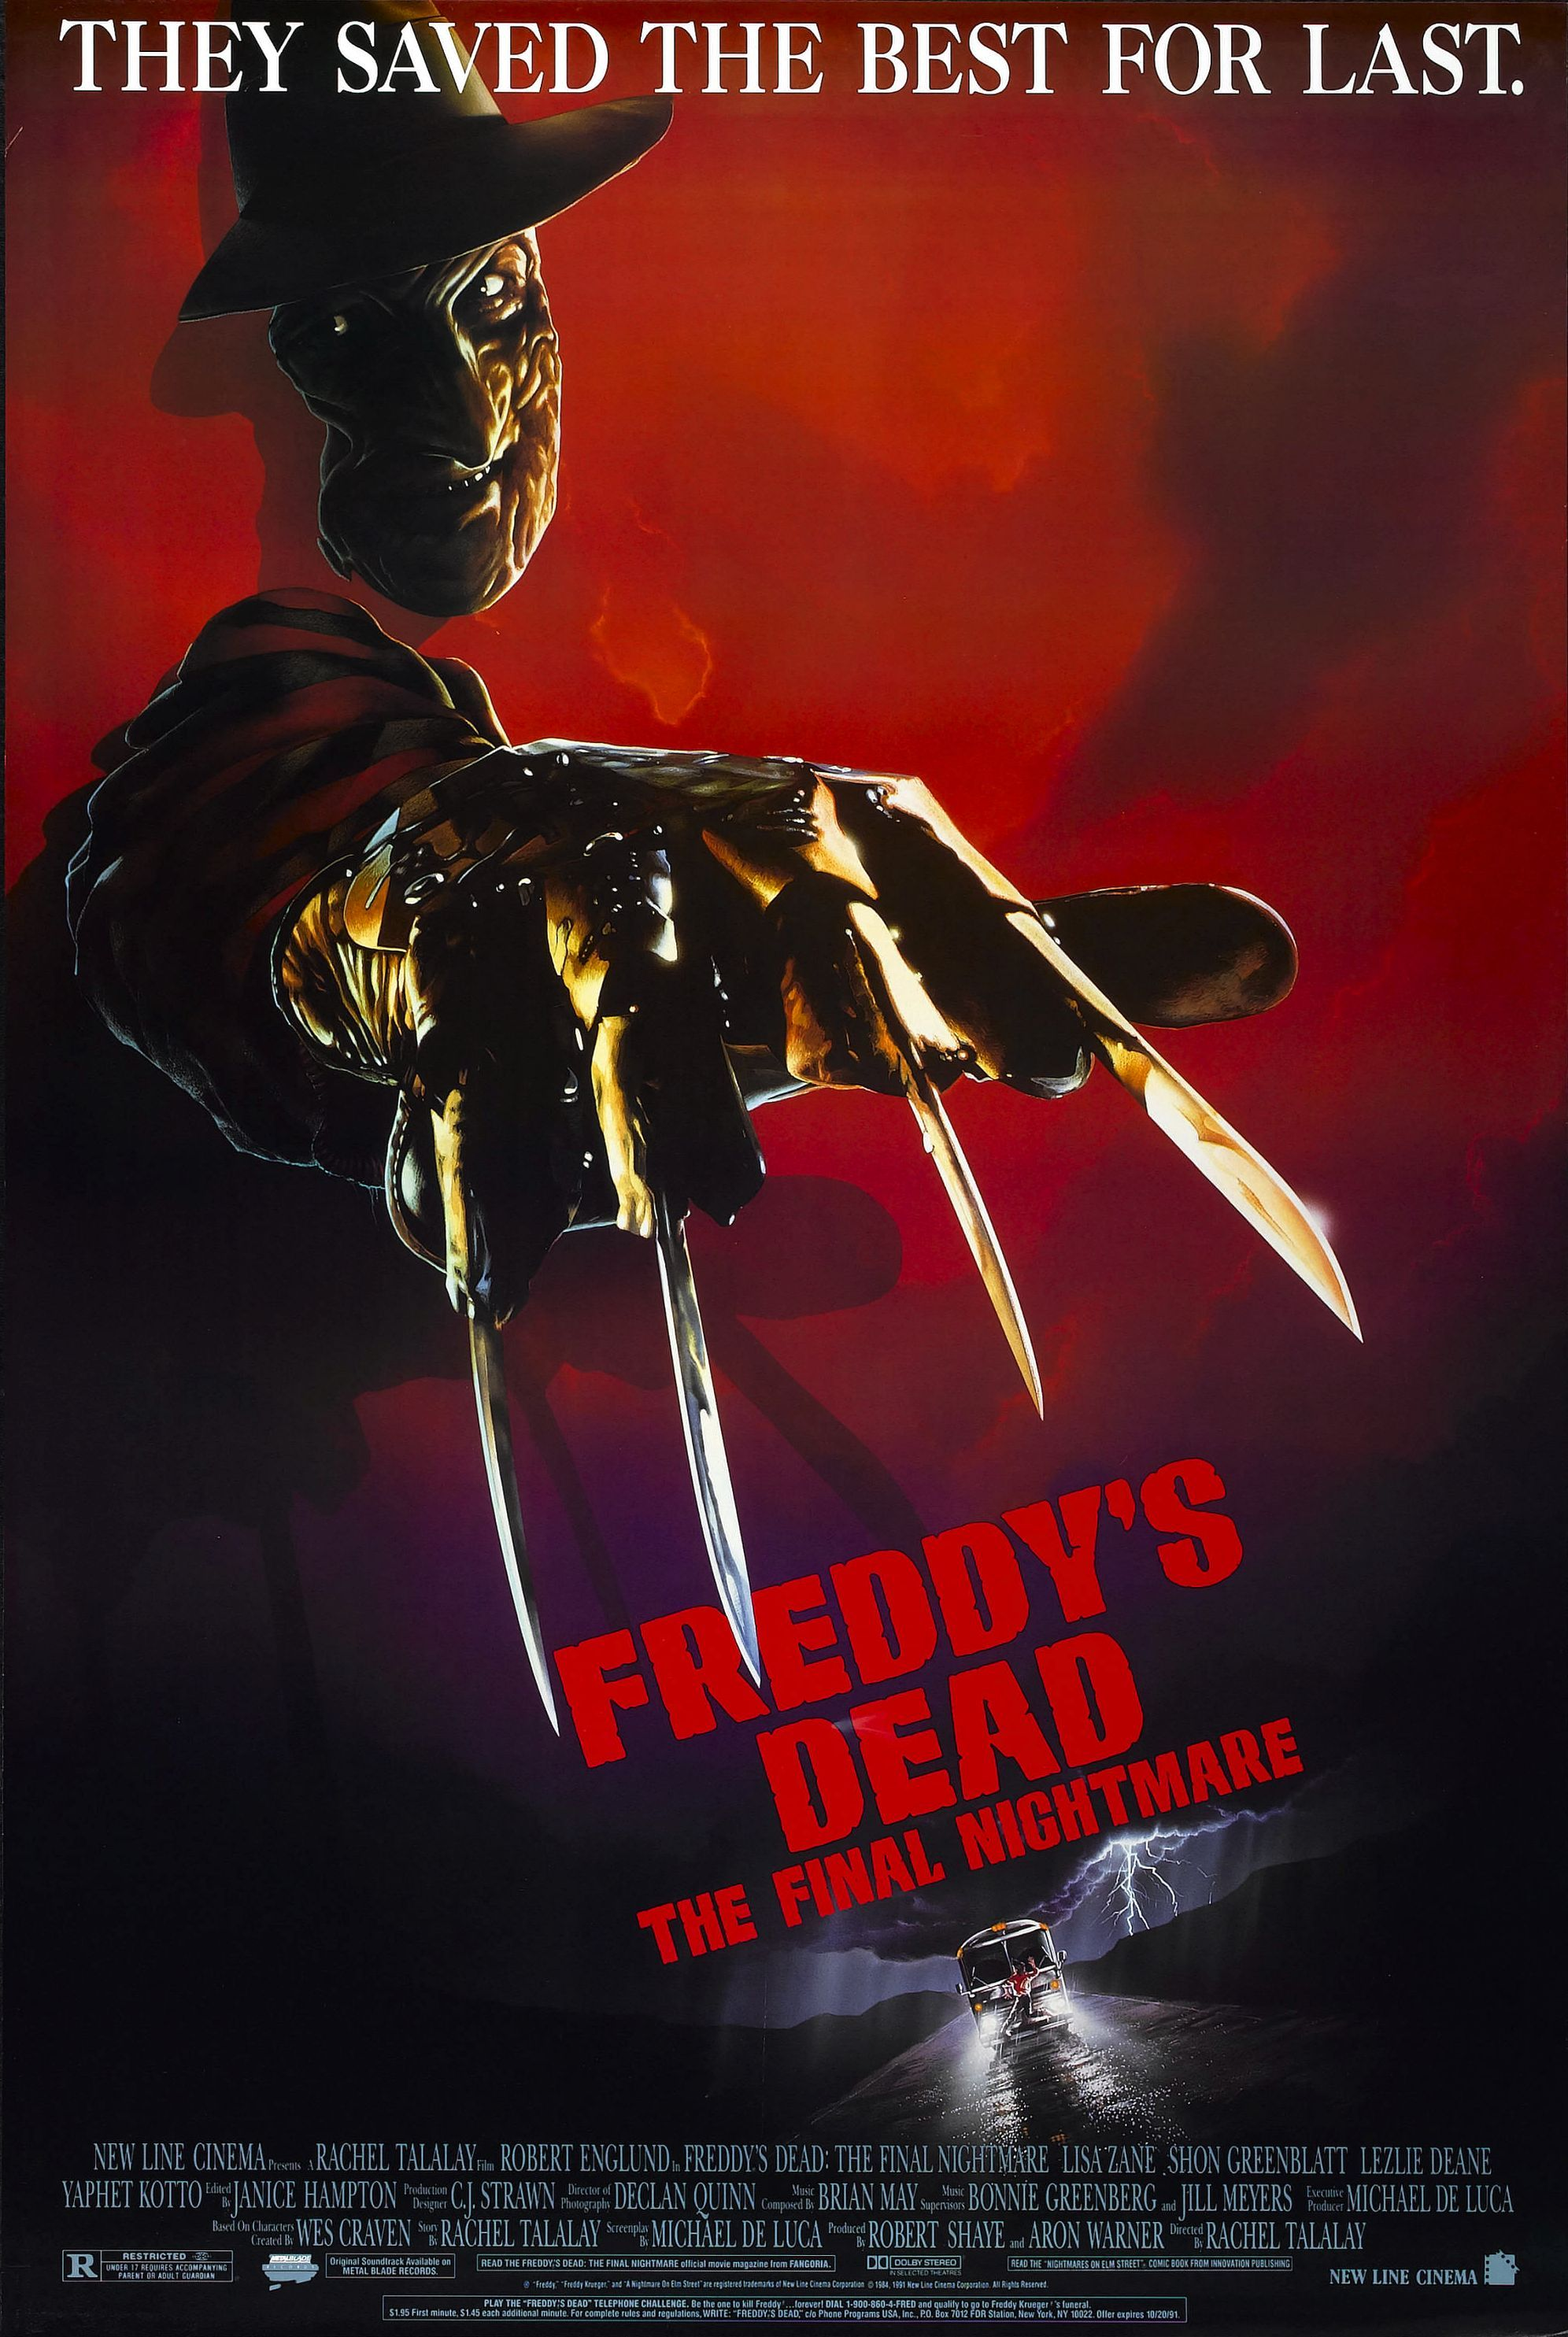 FREDDY'S DEAD: THE FINAL NIGHTMARE49/100 -